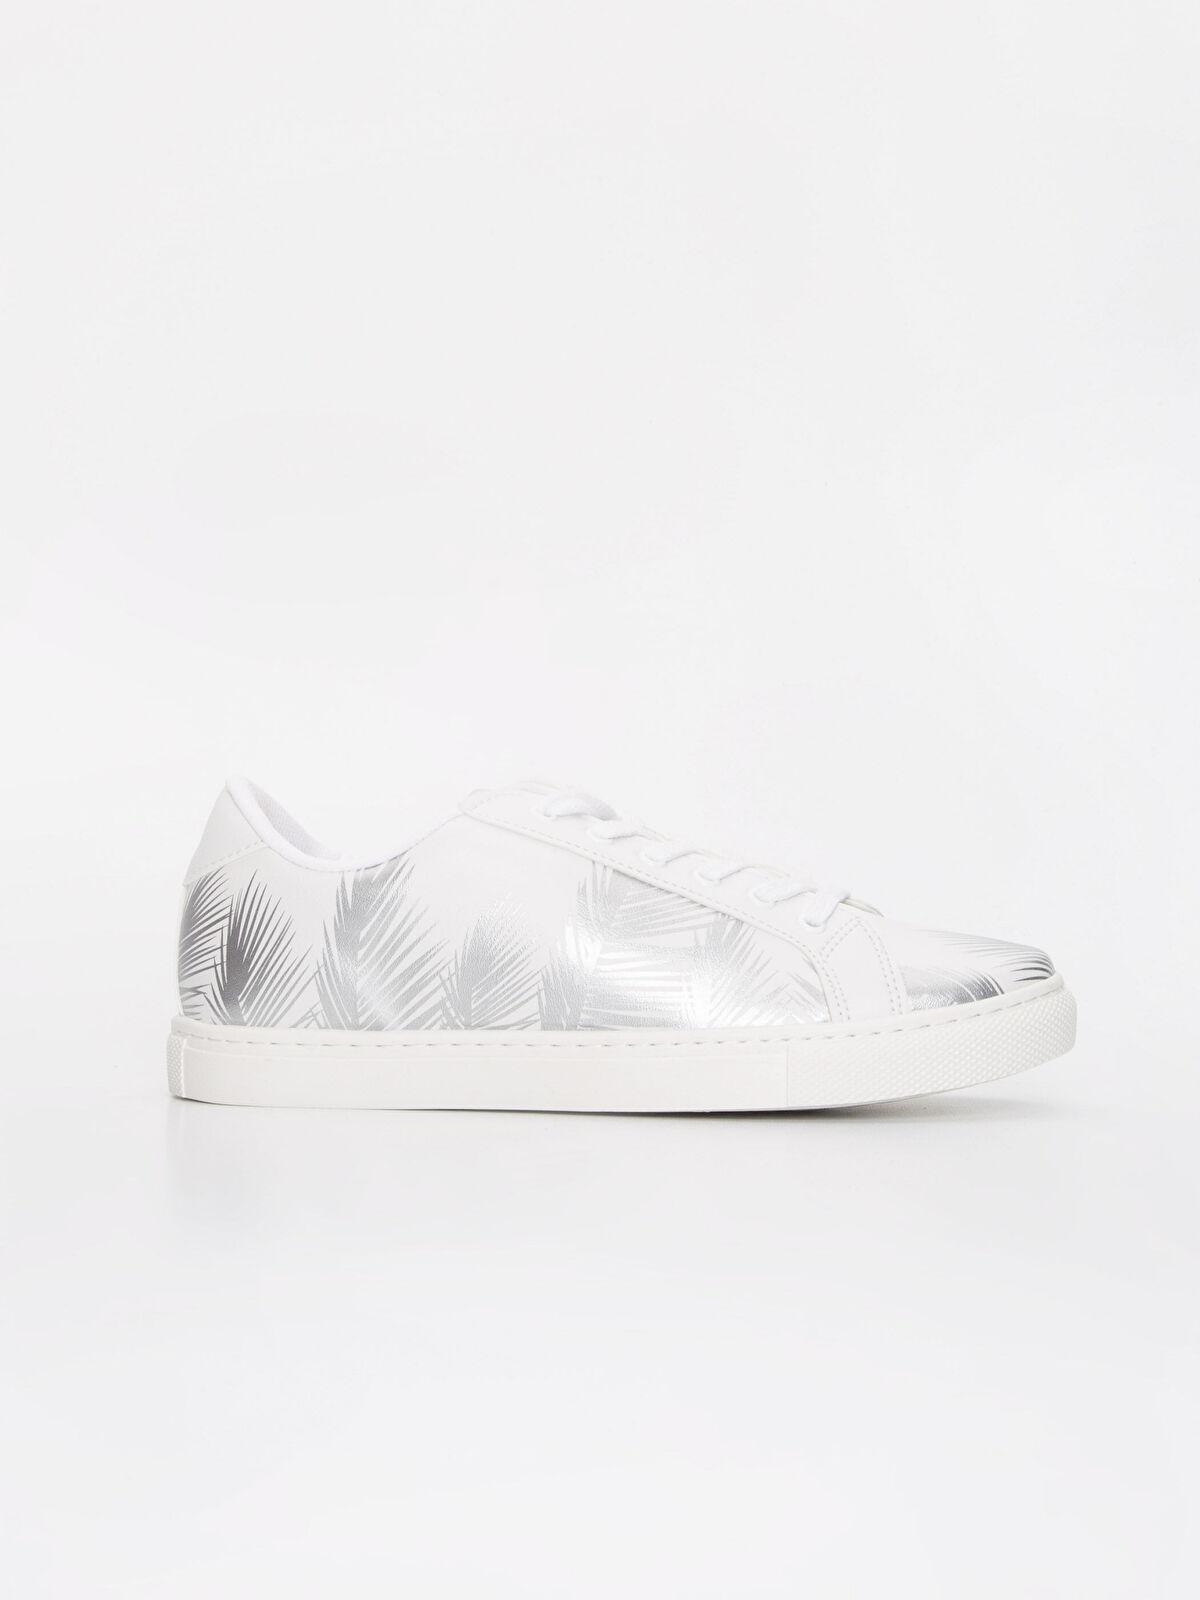 Kadın Yaprak Desenli Bağcıklı Ayakkabı - LC WAIKIKI